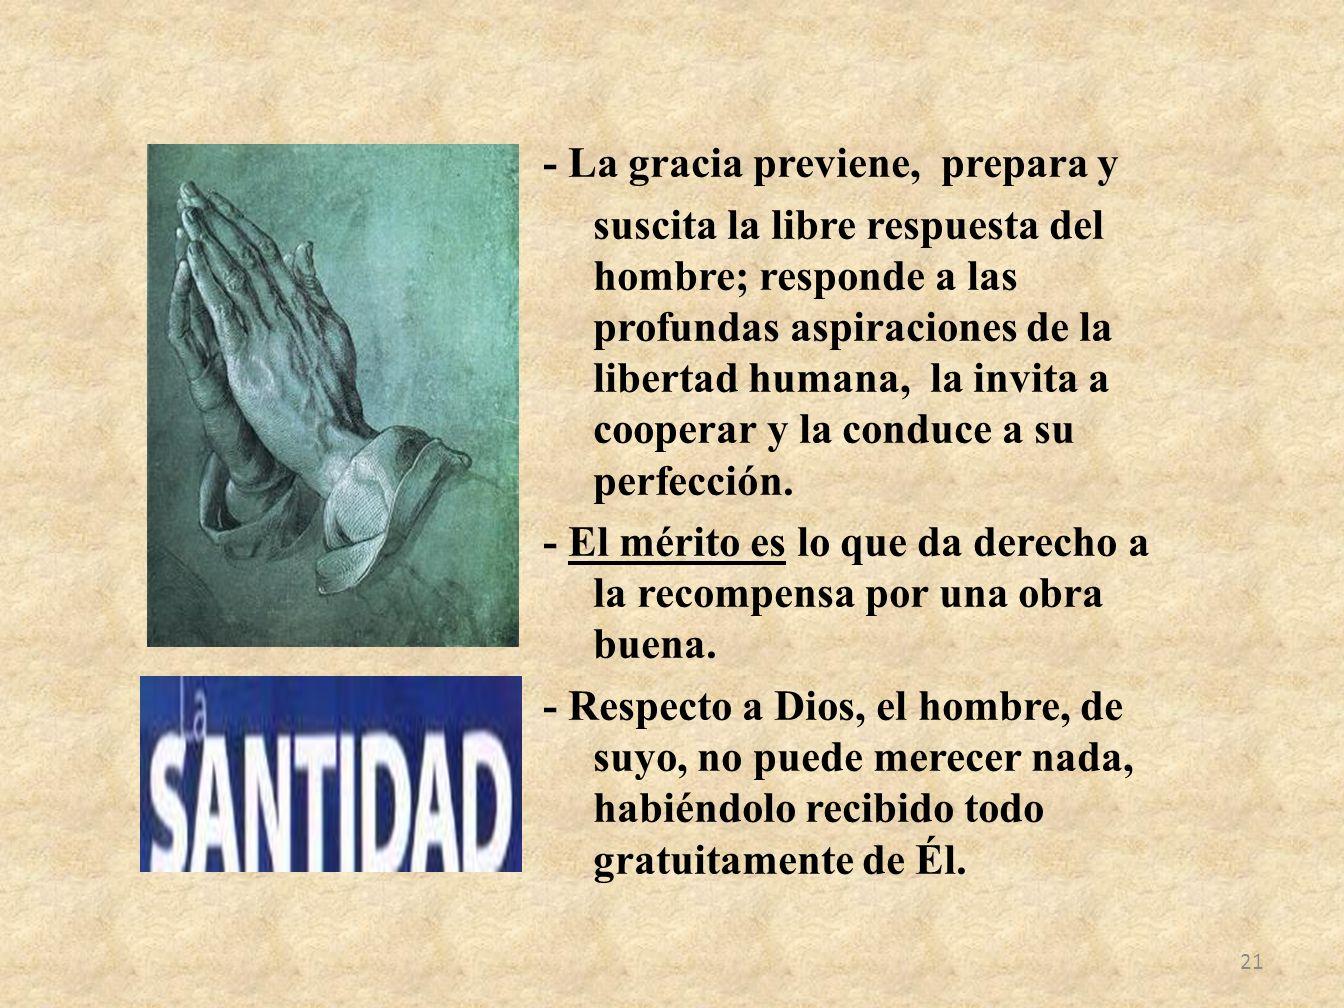 - La gracia previene, prepara y suscita la libre respuesta del hombre; responde a las profundas aspiraciones de la libertad humana, la invita a cooper